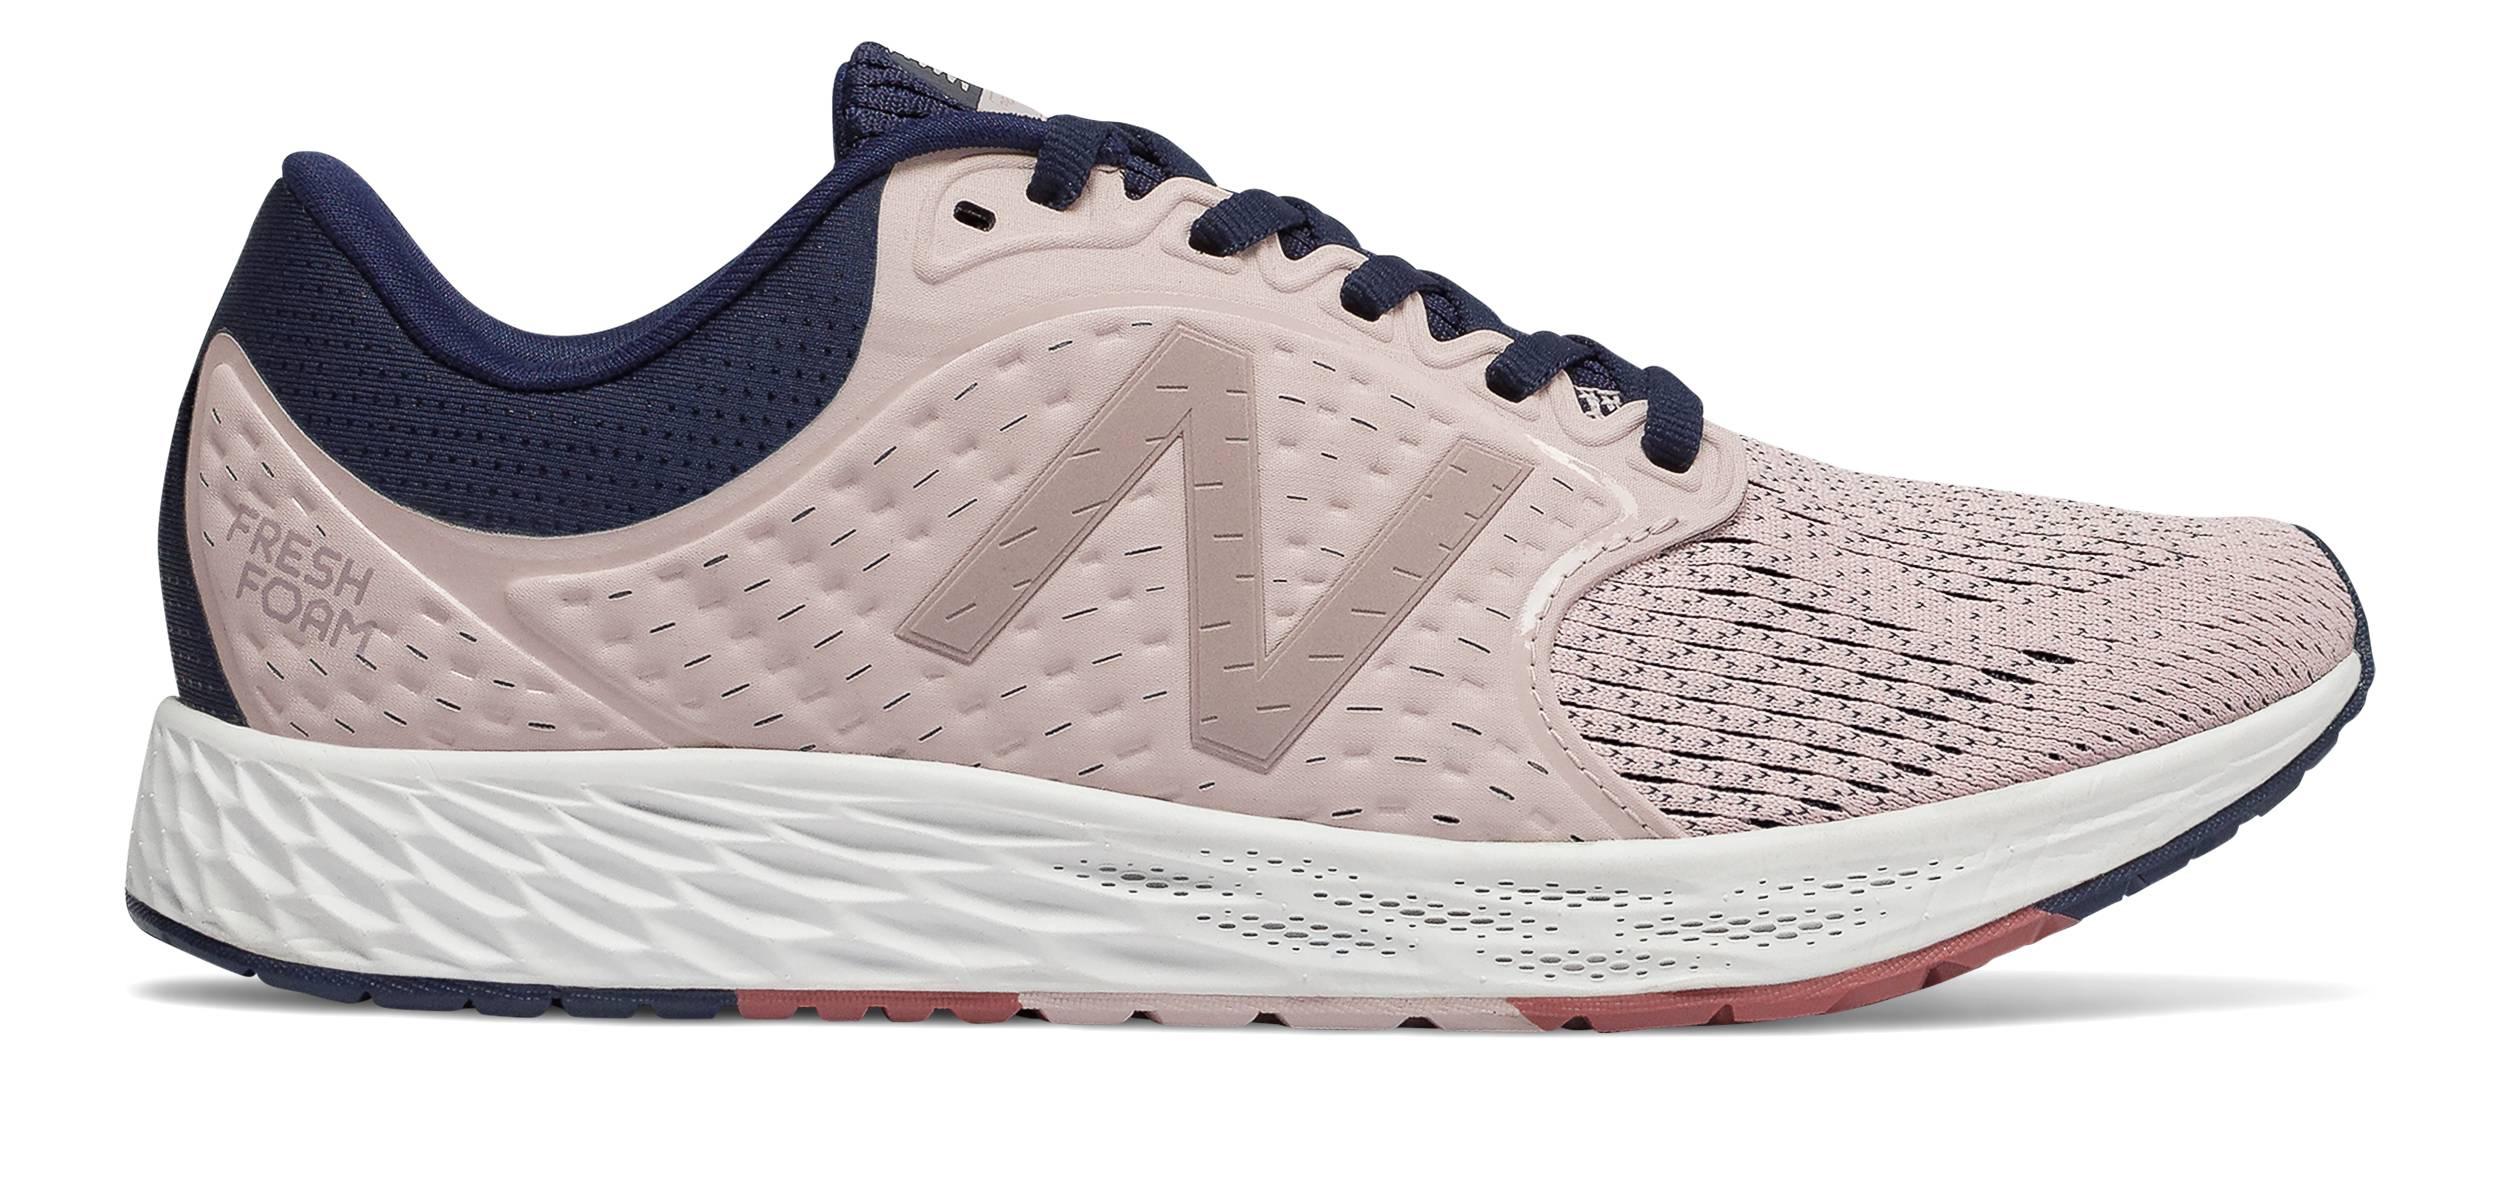 New Wzantv4 Balance Shoe Running Zante V4 xwTSq6x 0ece47cbf2